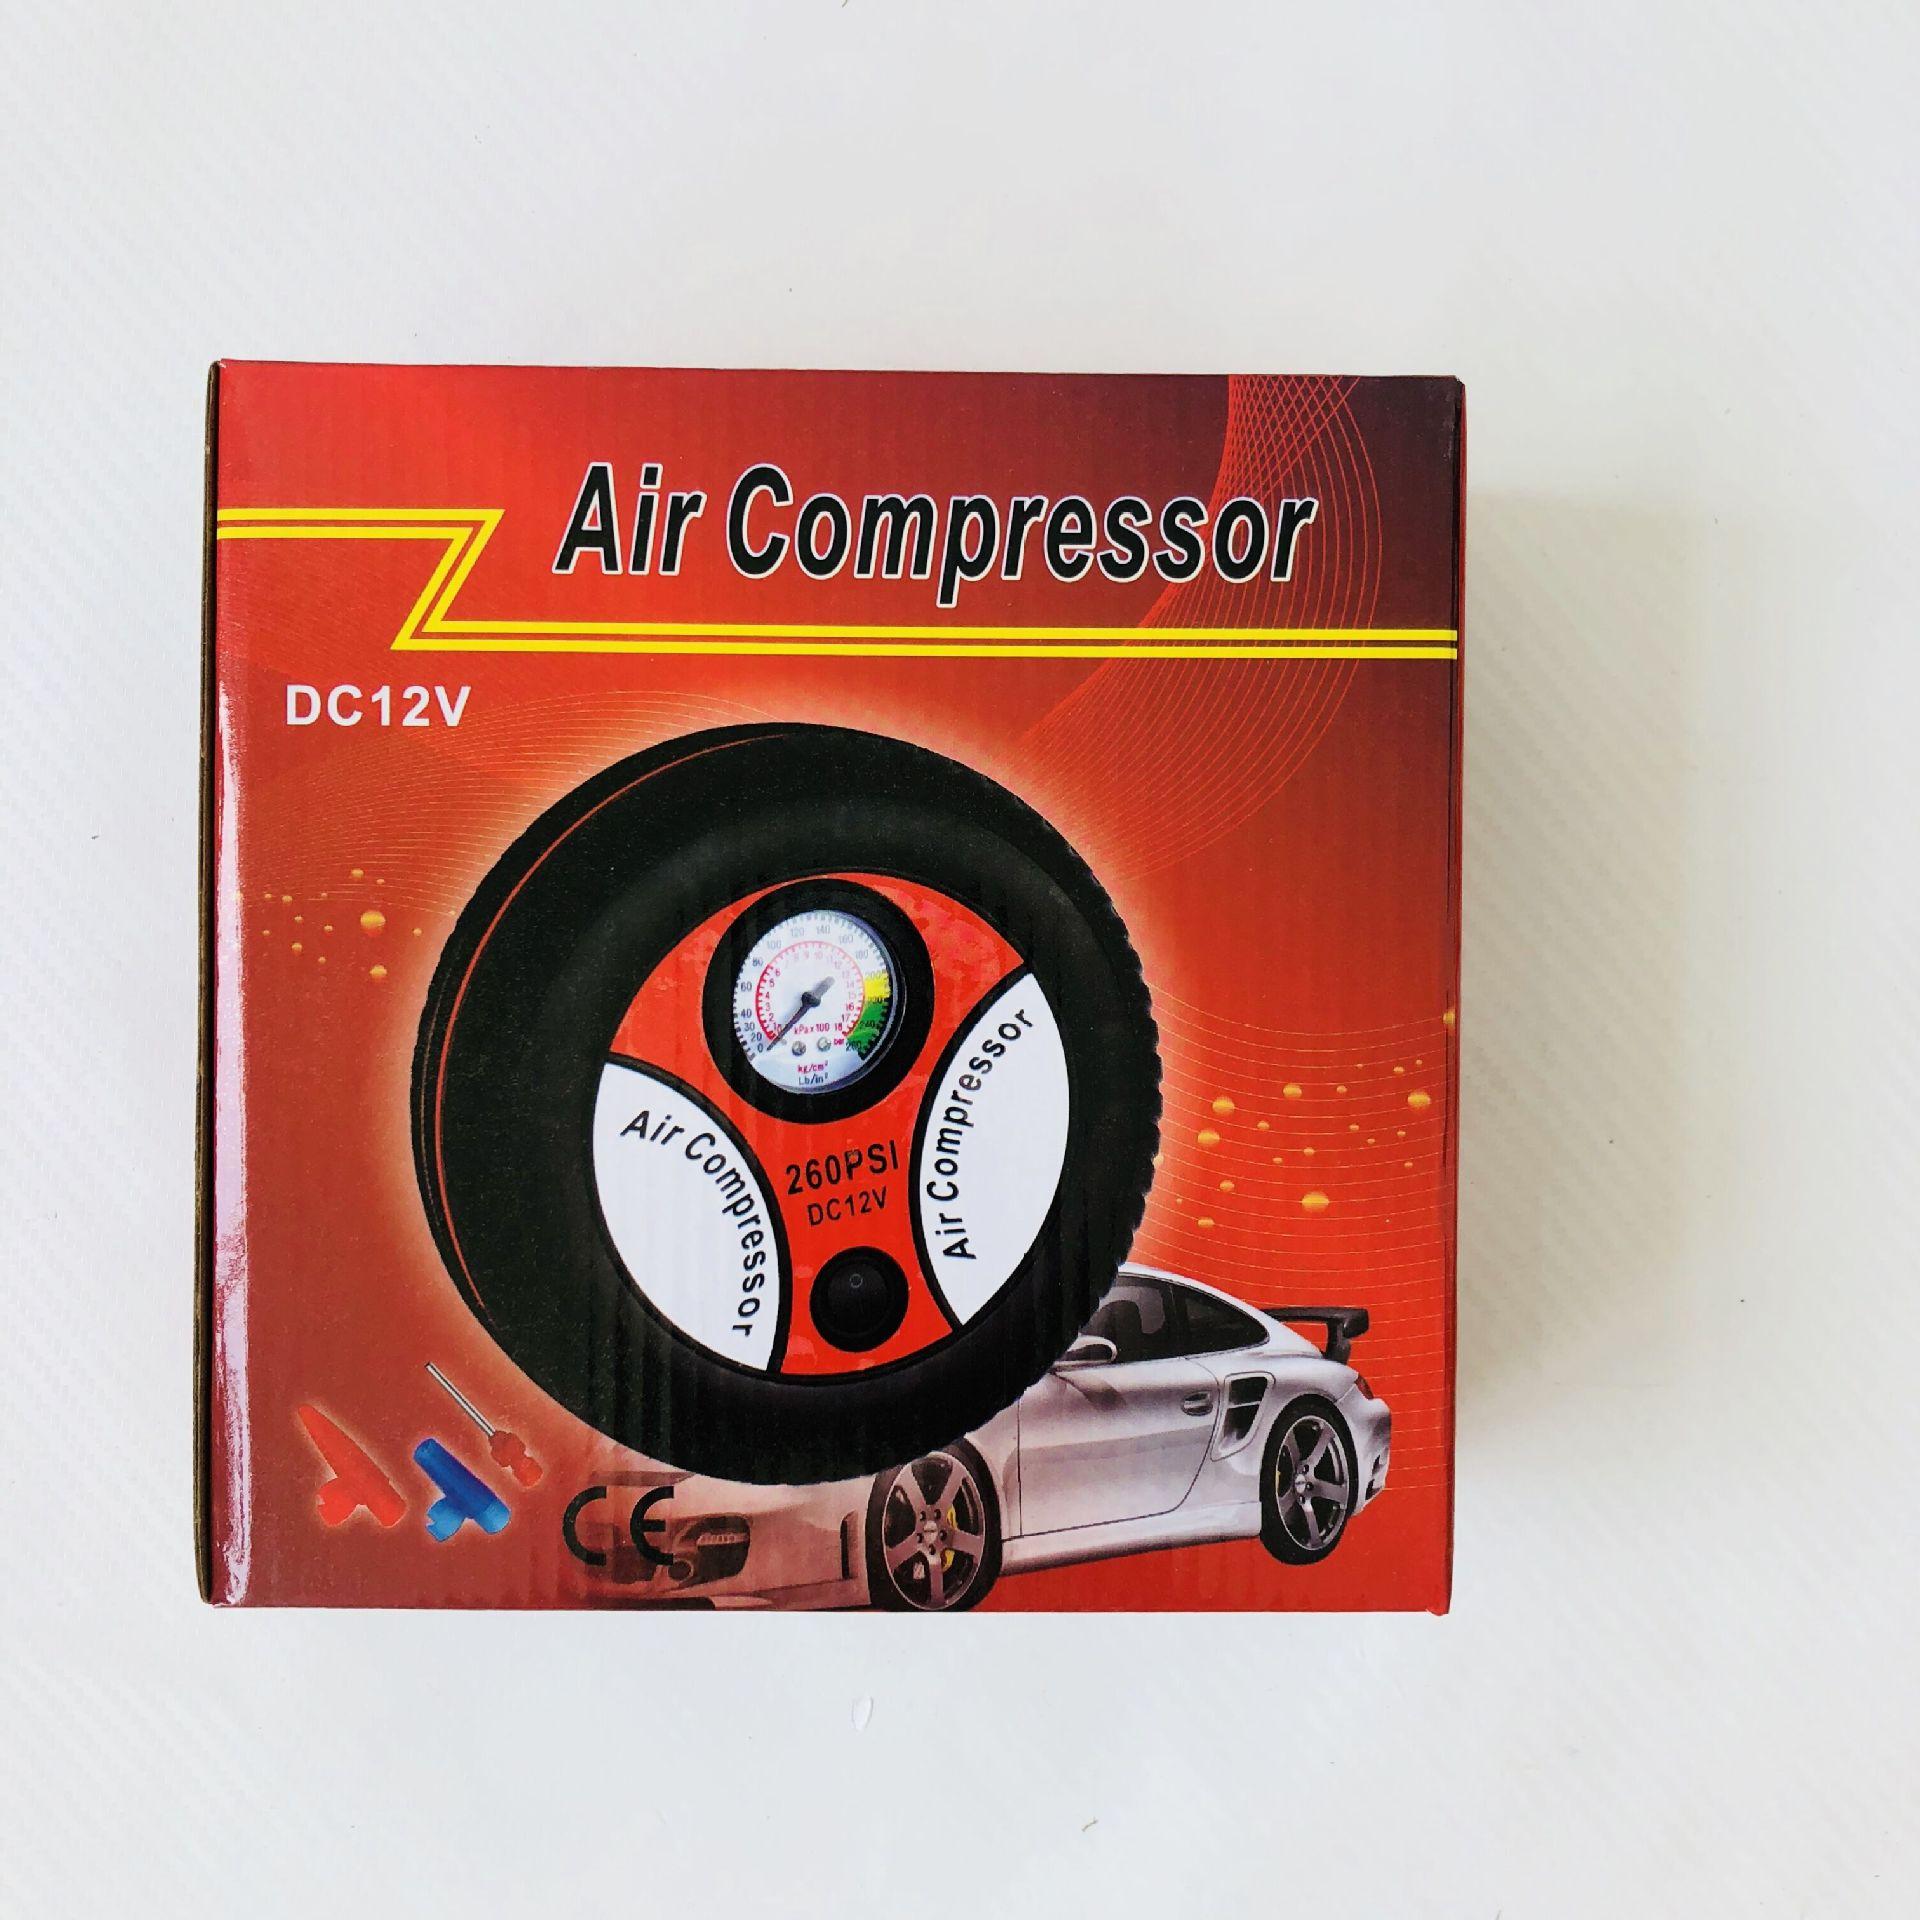 轮胎充气泵便携式 12v车载迷你轮胎自动打气泵大电机